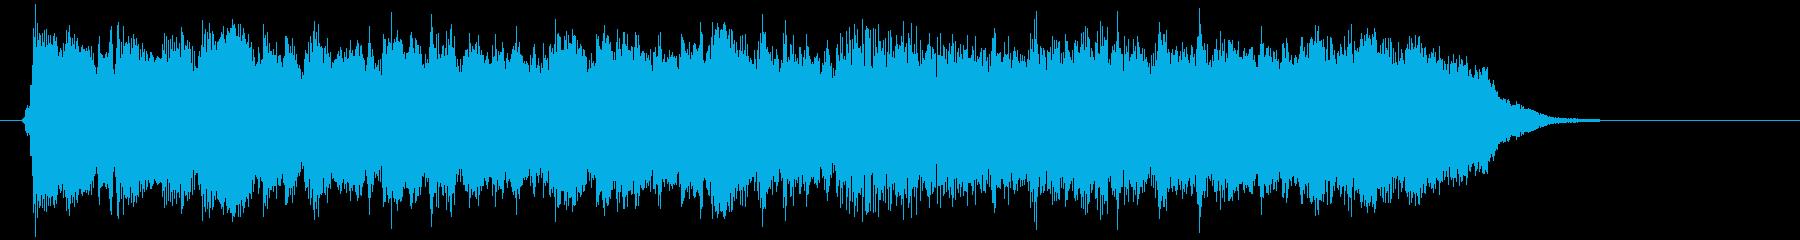 アコギが特徴的なロックのジングルの再生済みの波形